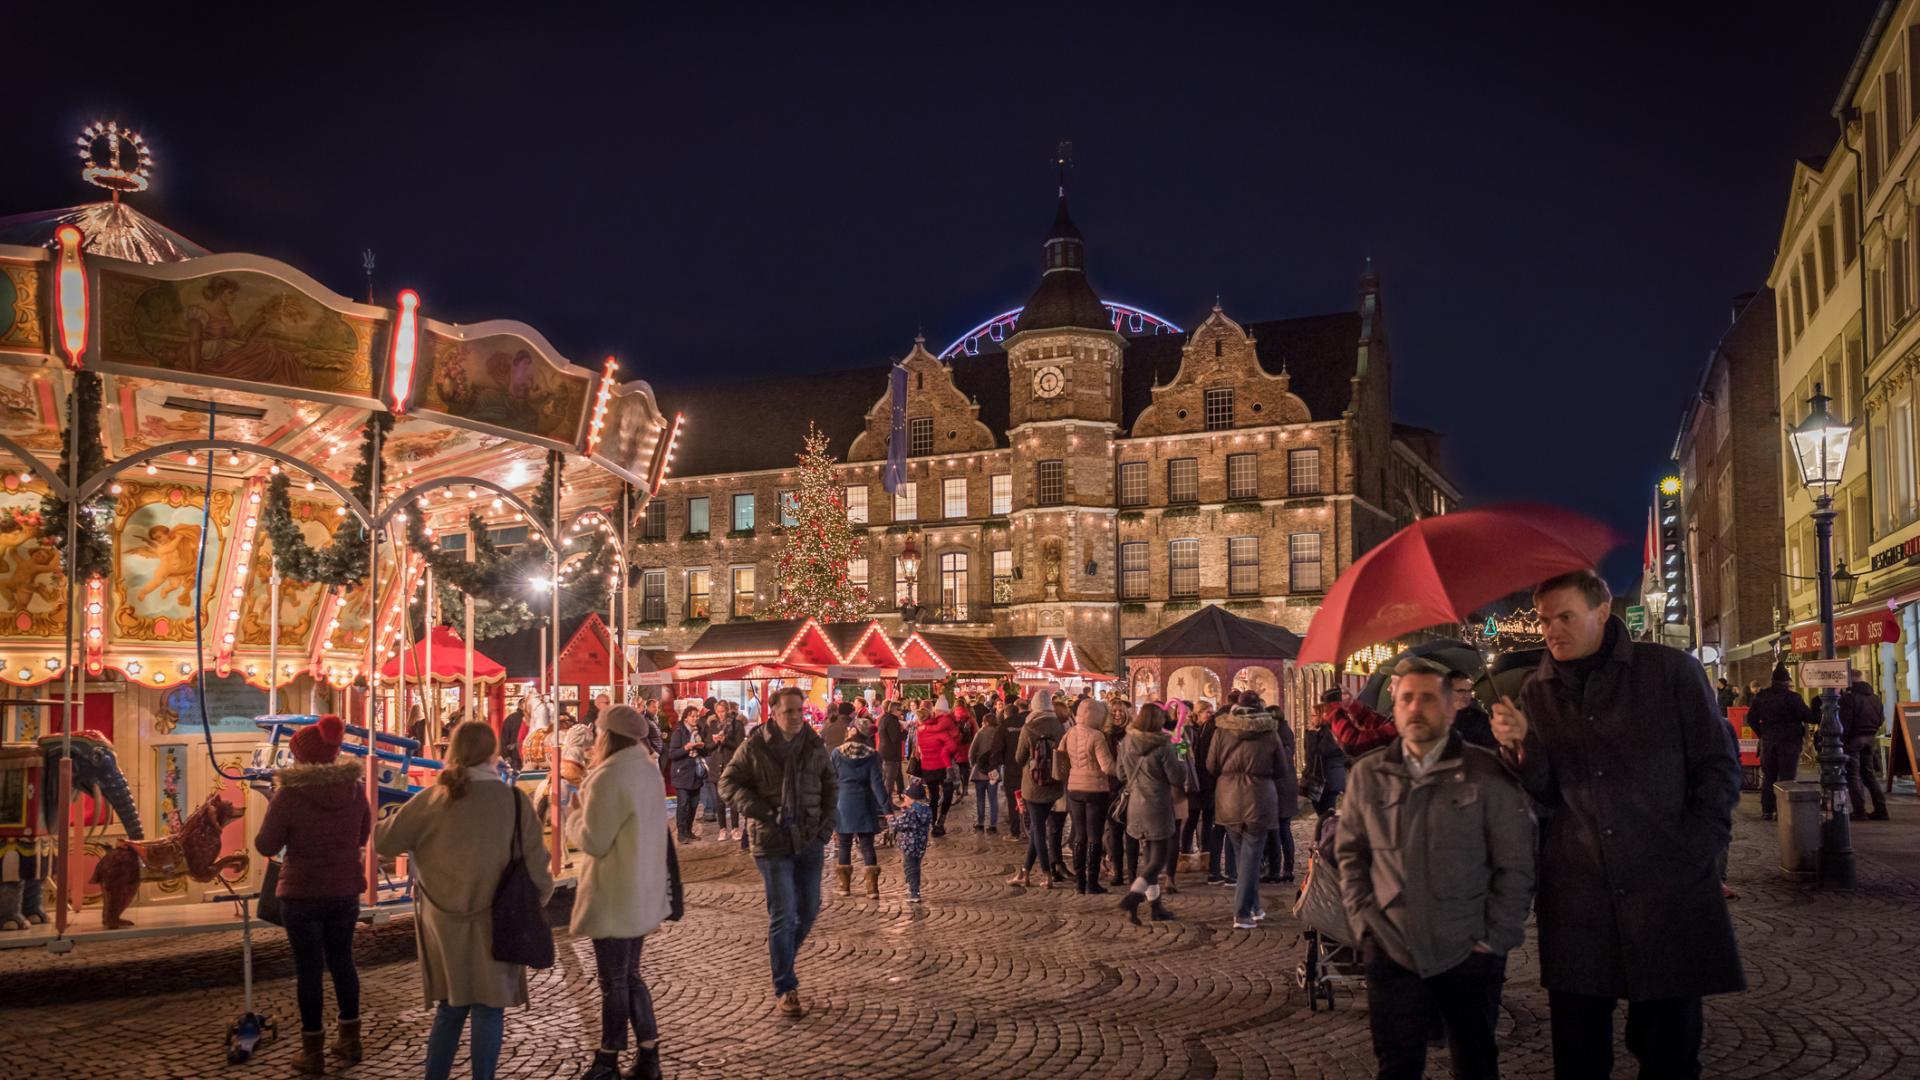 Weihnachtsmarkt Rathausplatz Düsseldorf